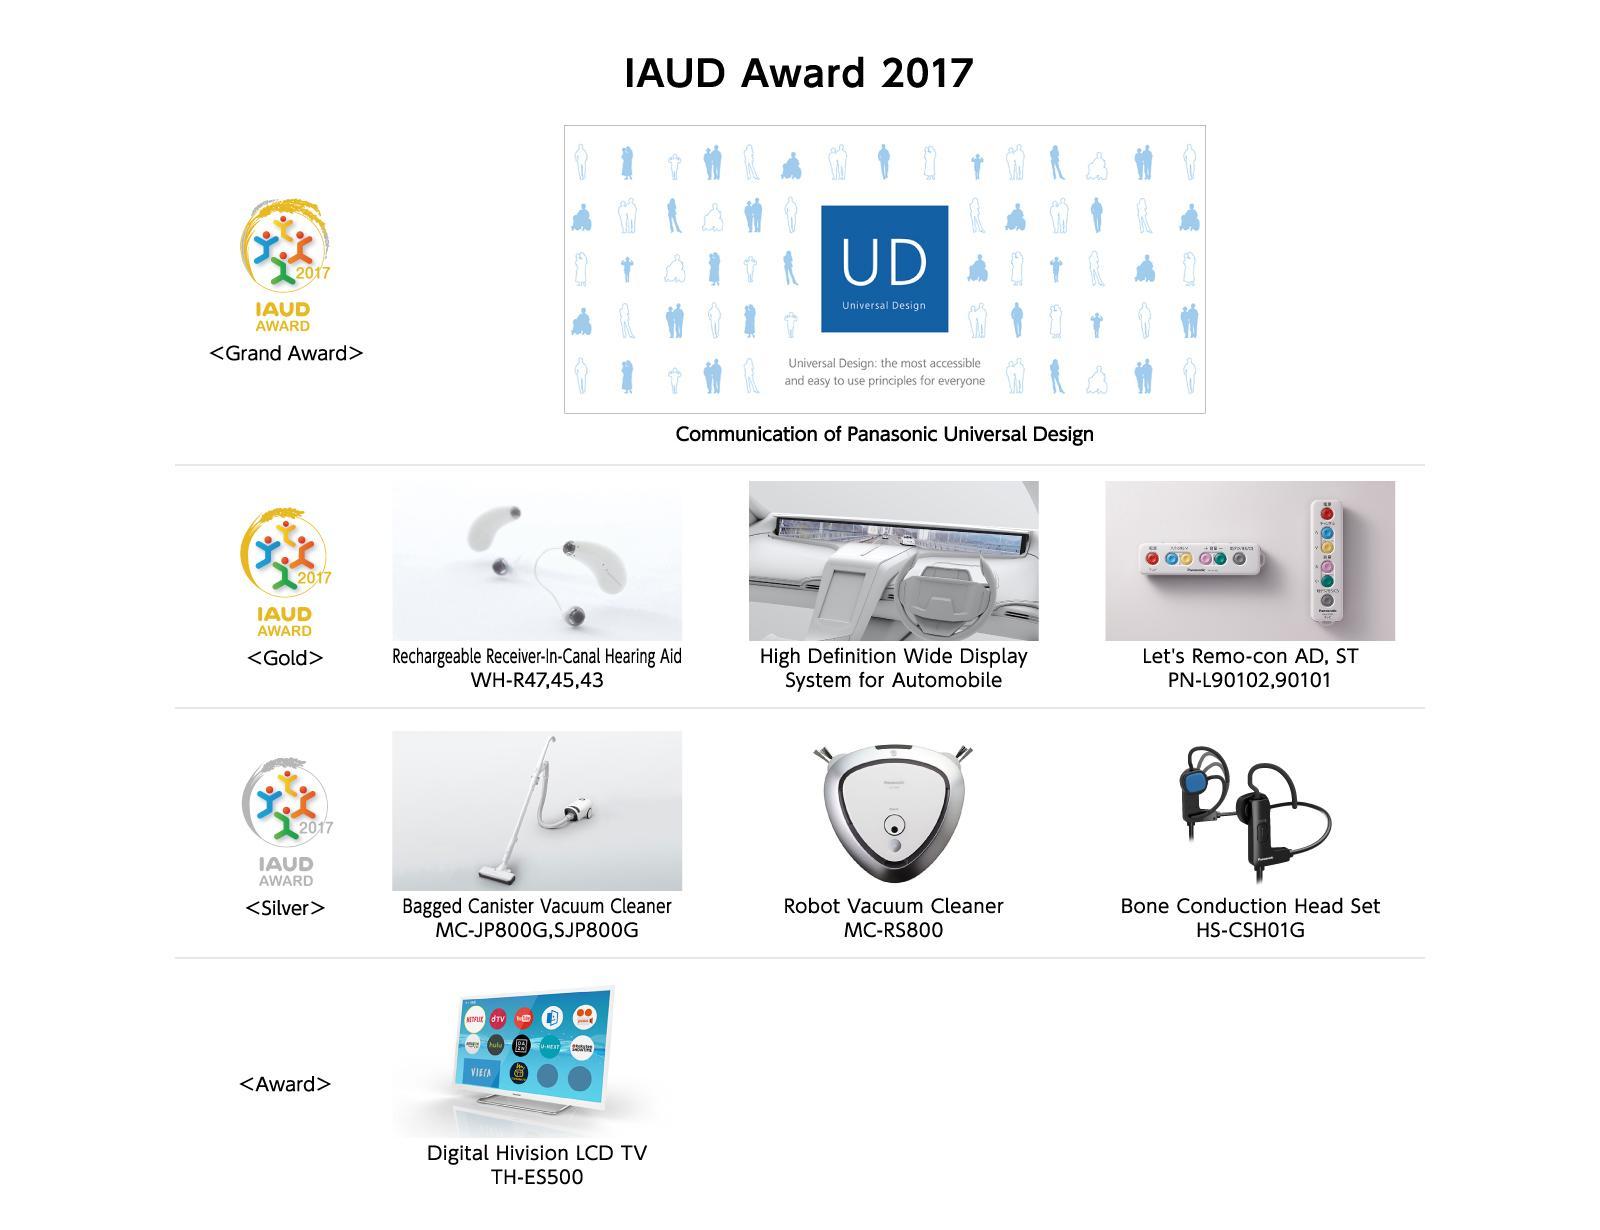 image: Panasonic takes Grand Award at the IAUD Award 2017